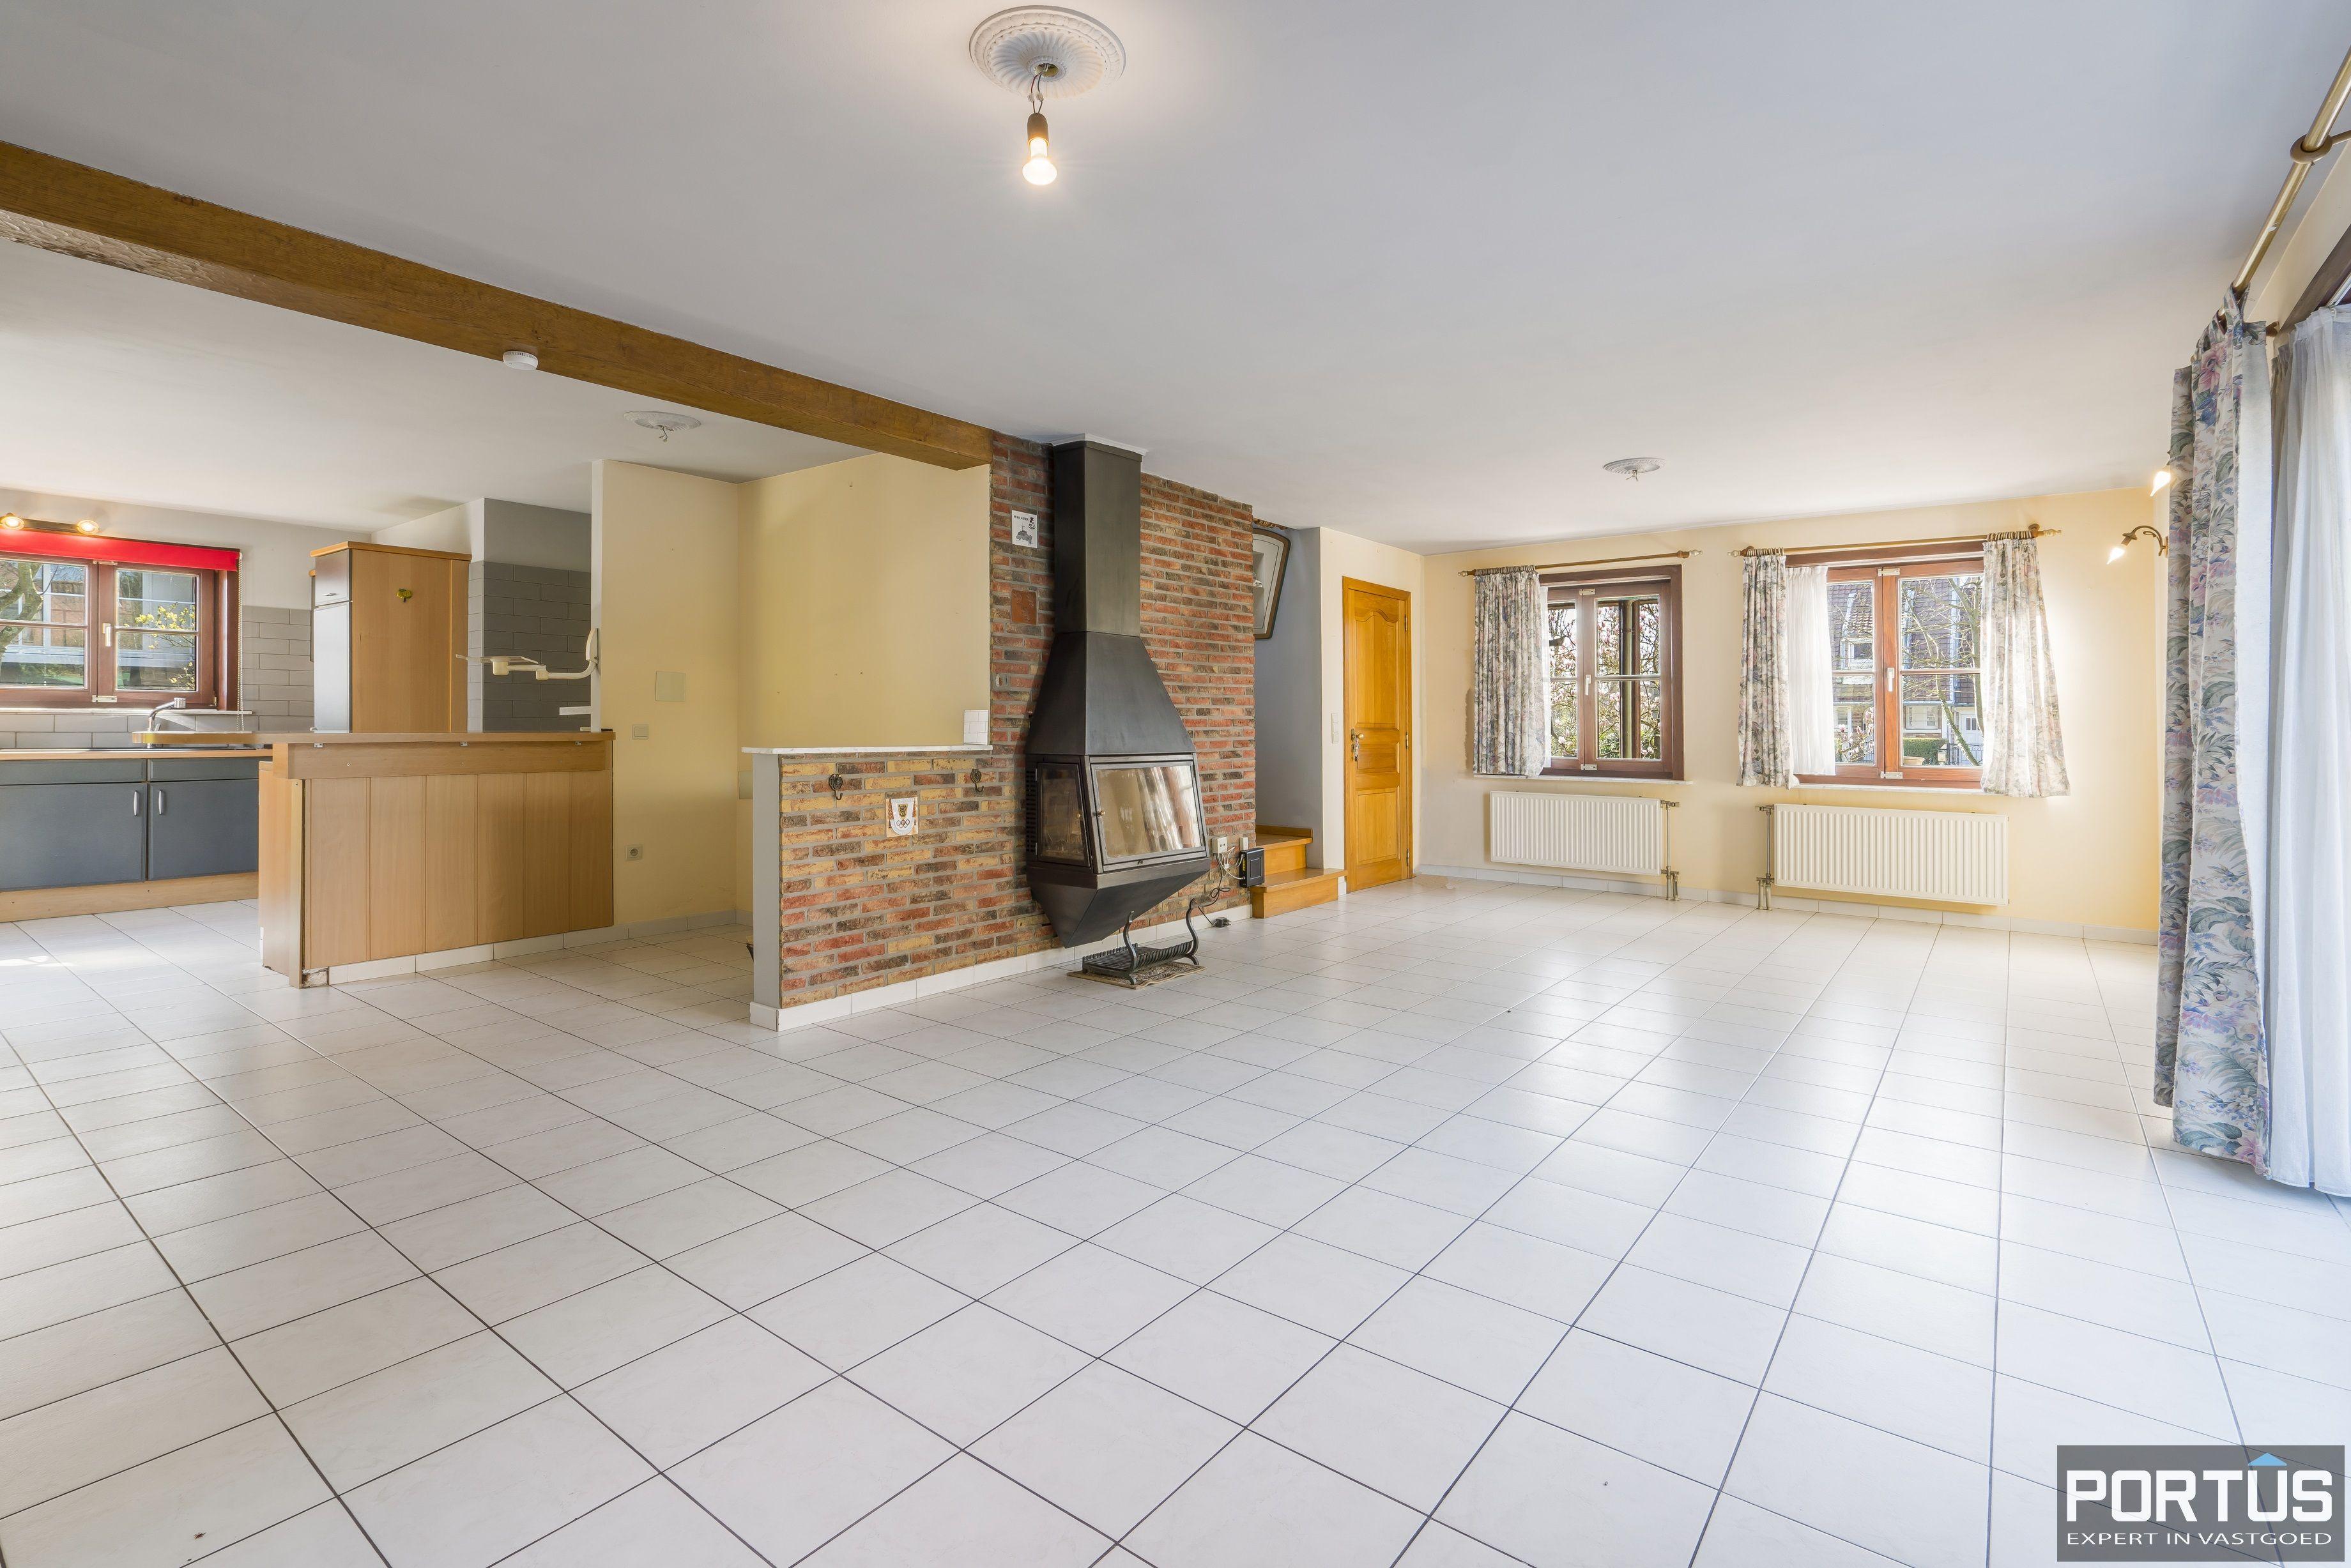 Villa te koop met 3 slaapkamers te Nieuwpoort - 13076